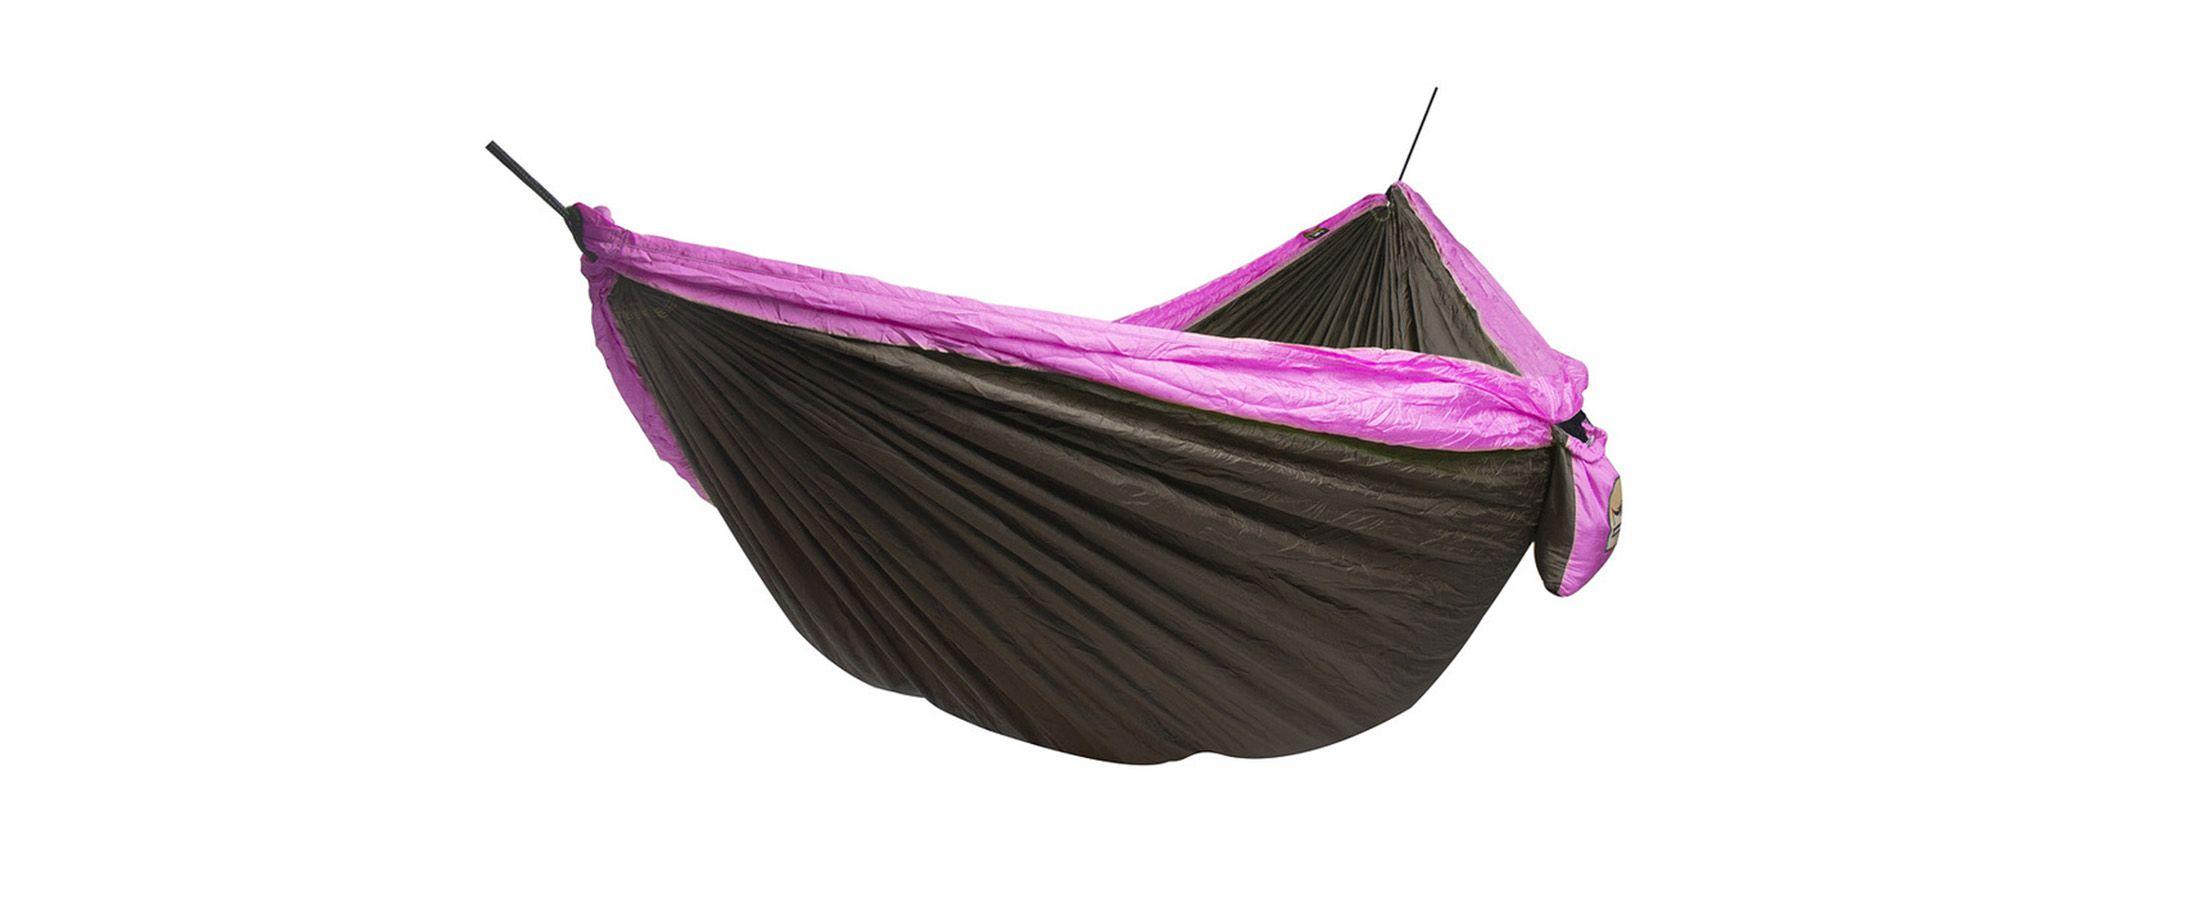 Двухместный гамак Voyager purple Модель 575Двухместный гамак Voyager purple Модель 575. Артикул С000099<br><br>Ширина см: 200<br>Глубина см: 300<br>Высота см: 1<br>Максимальная нагрузка : 180<br>Количество человек : 2<br>Цвет: Фиолетовый<br>Материал: Парашютный шелк